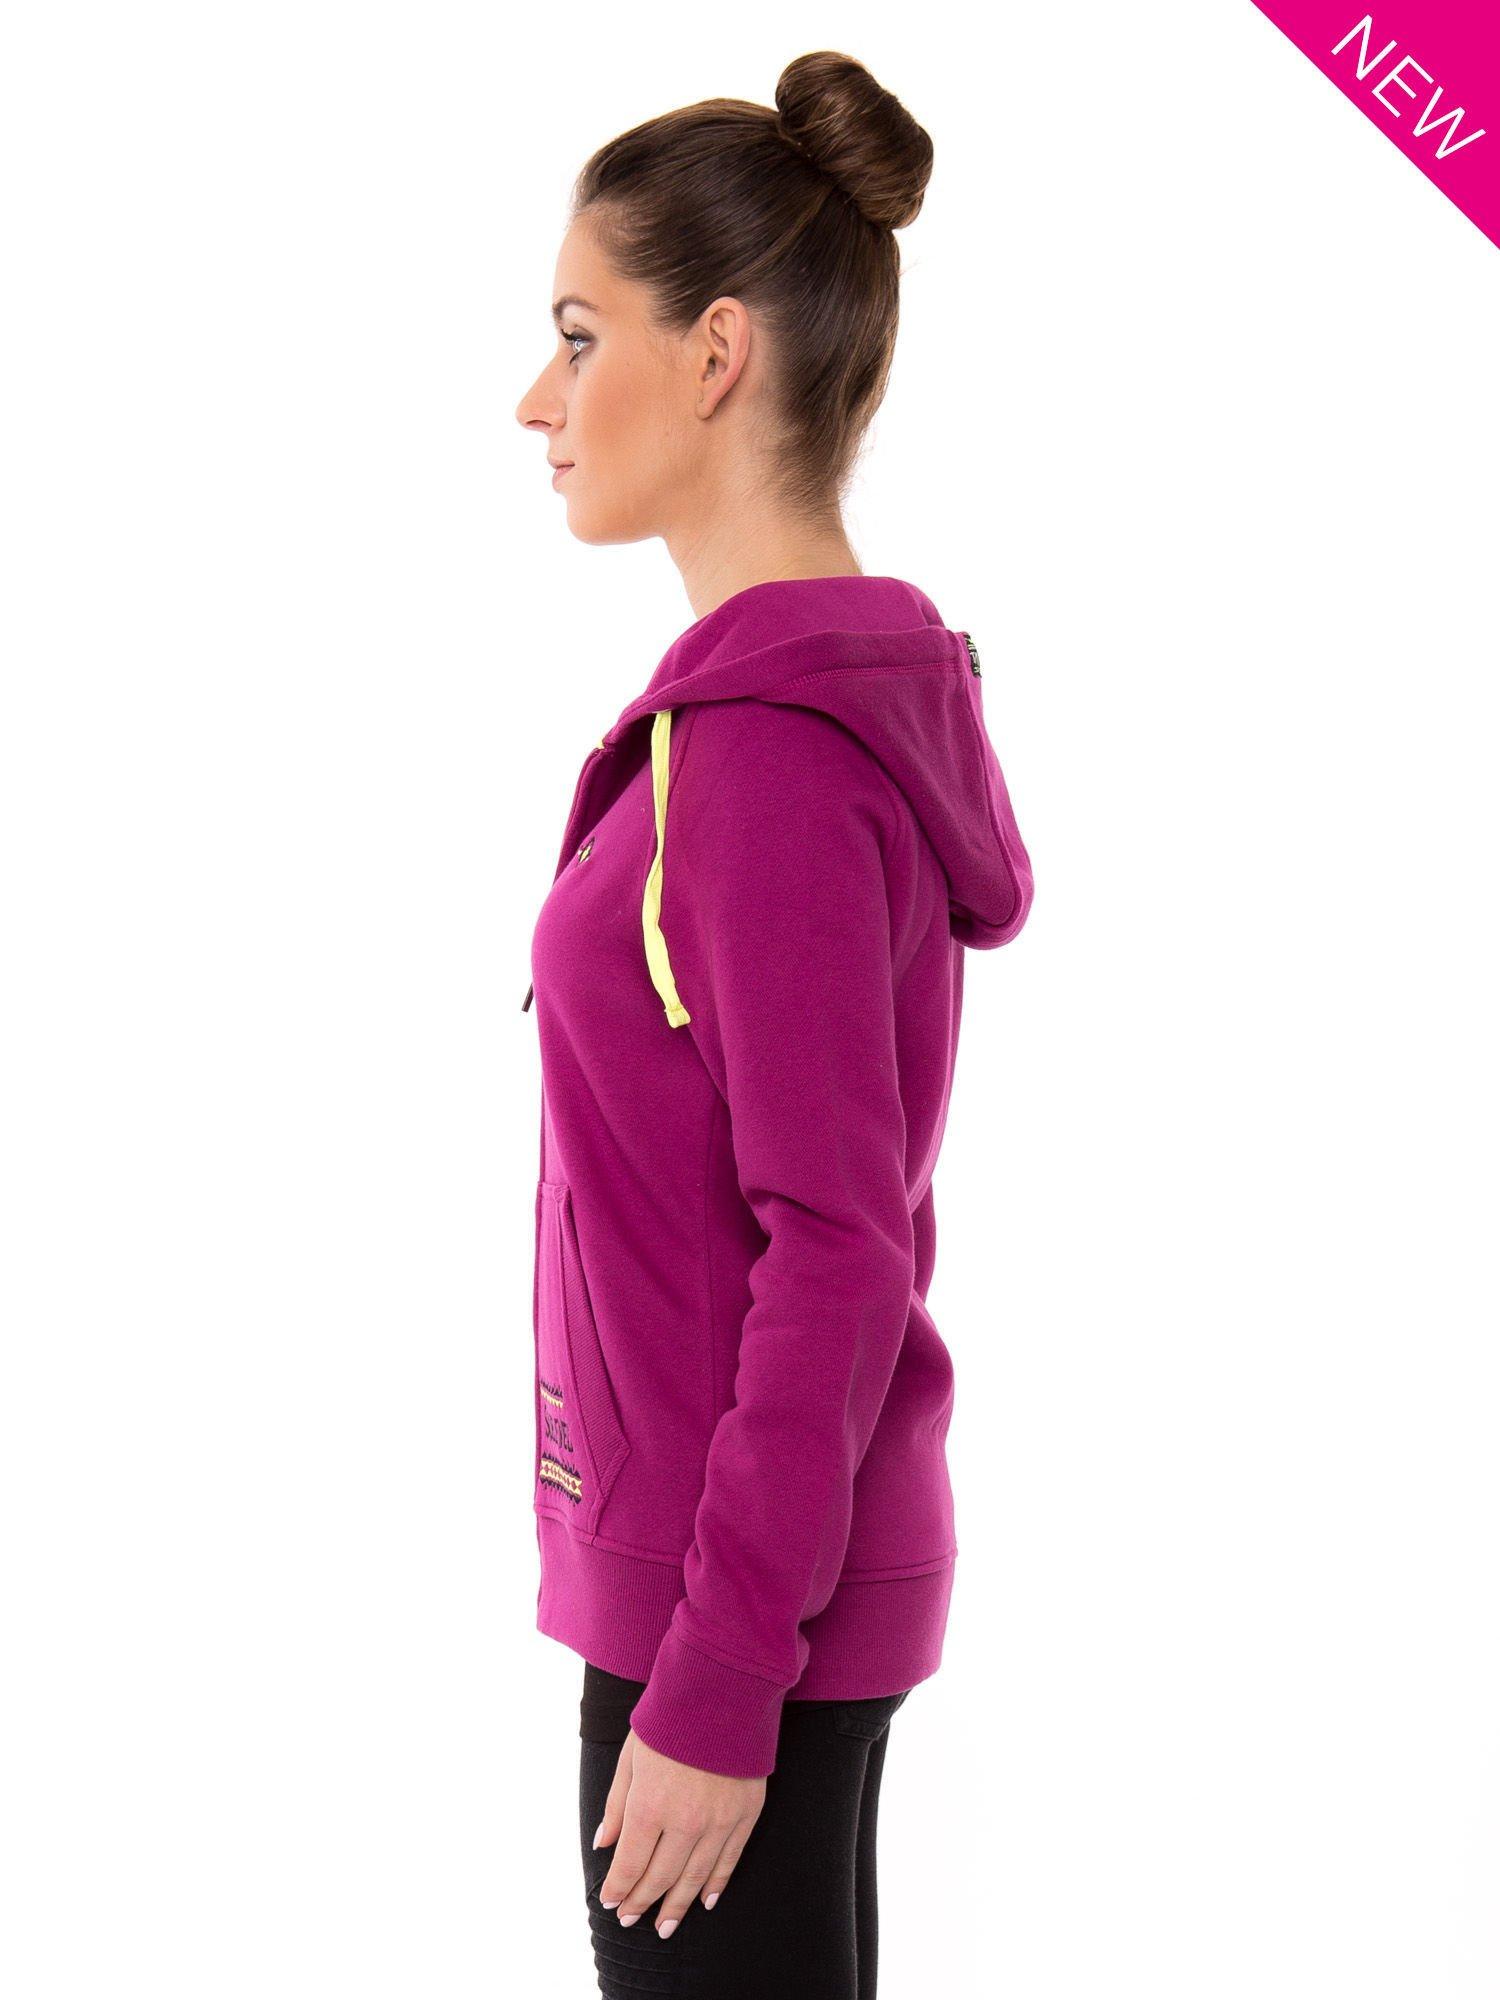 Różowa dresowa bluza sportowa z kapturem                                  zdj.                                  3